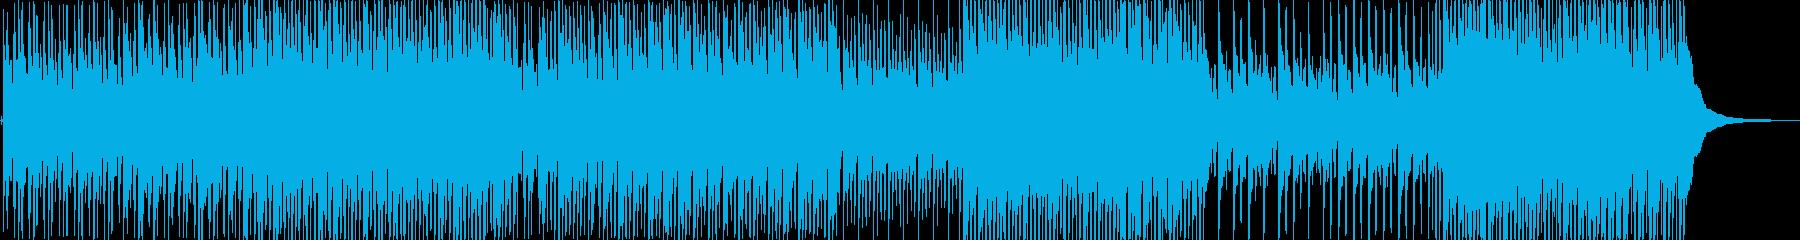 イージーリスニング 感情的 静か ...の再生済みの波形